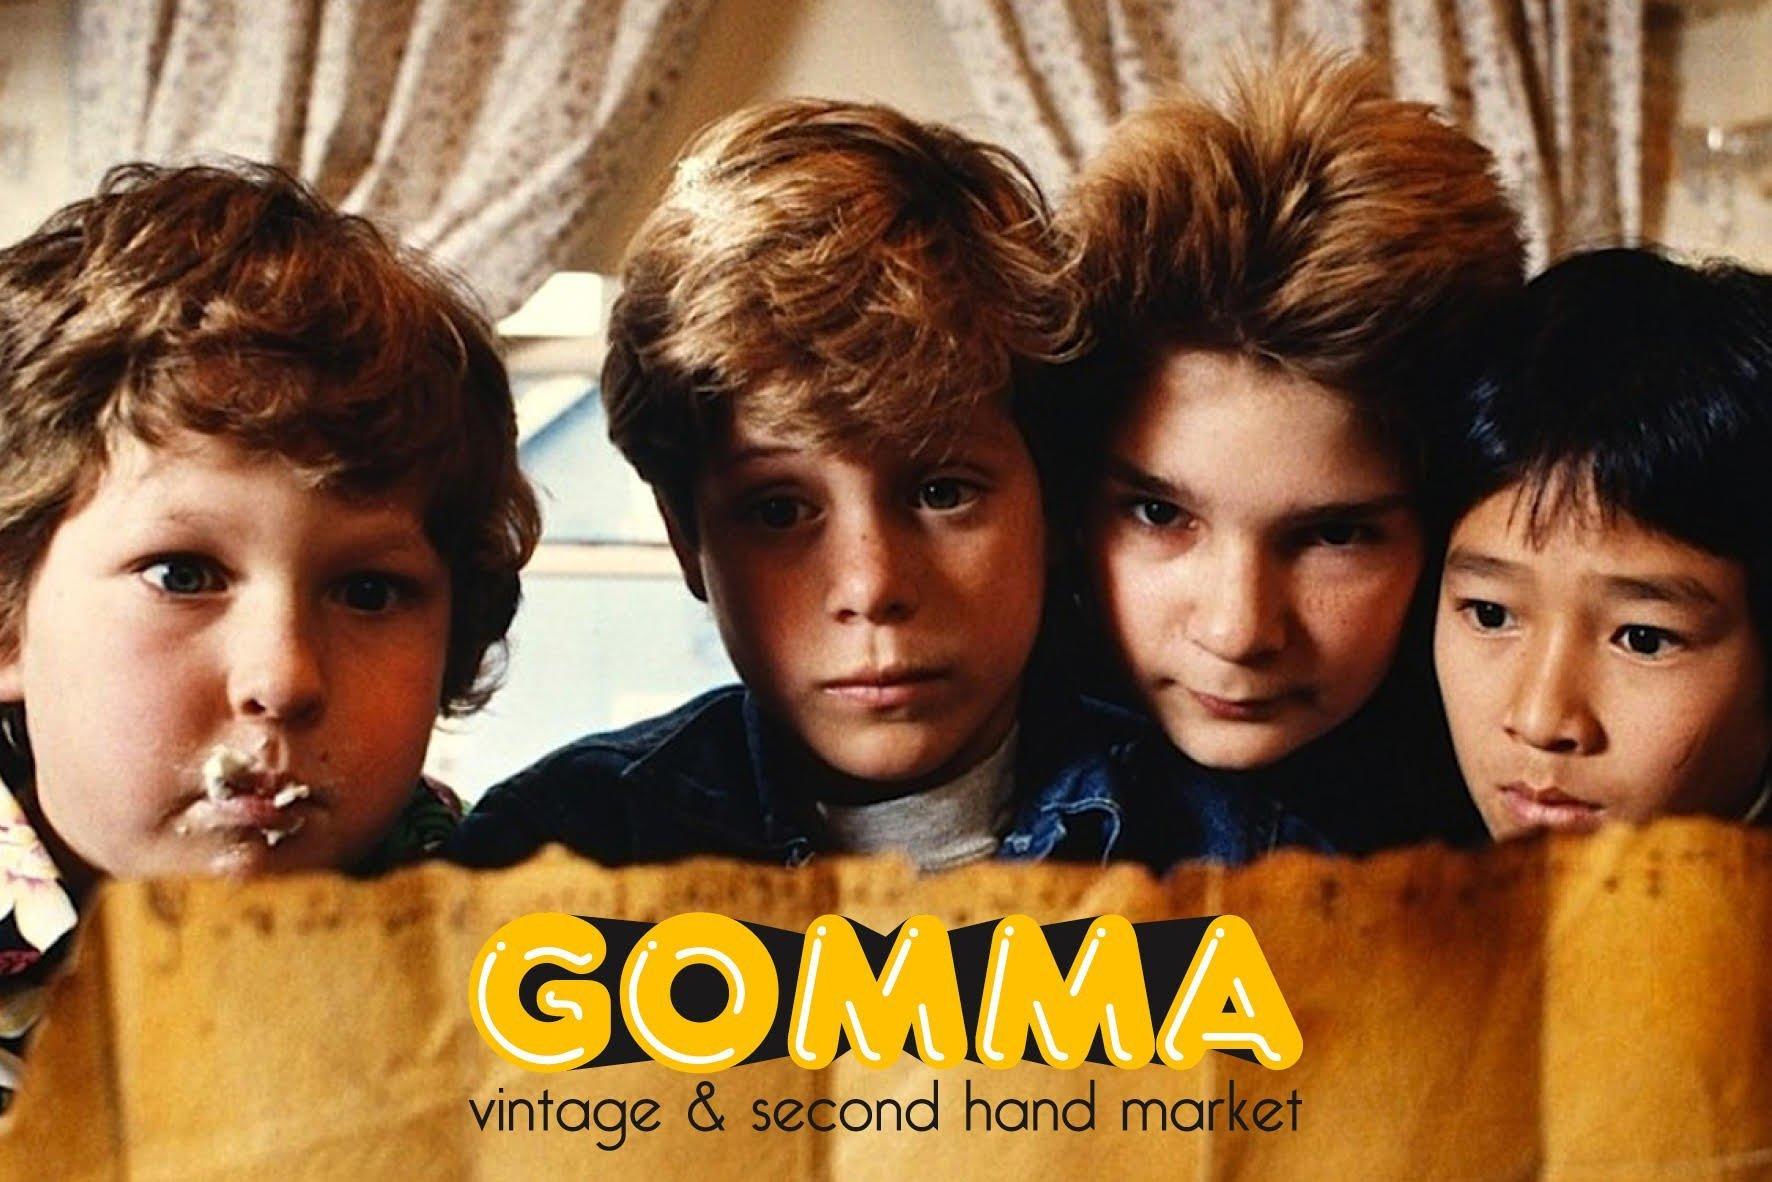 Gomma vintage